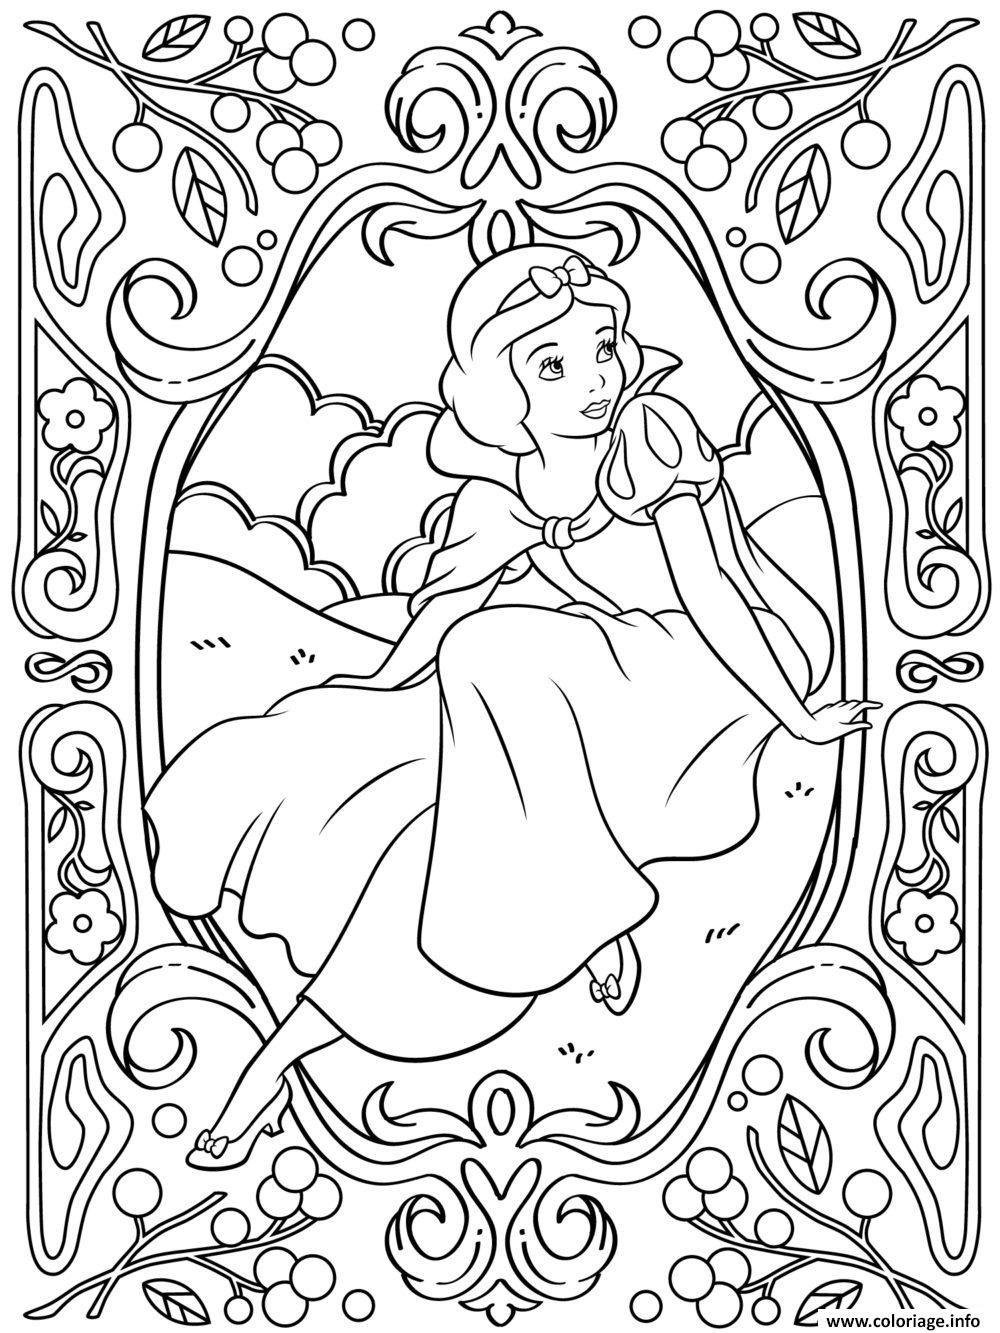 11 Intéressant Coloriage Princesse Disney Blanche Neige Collection